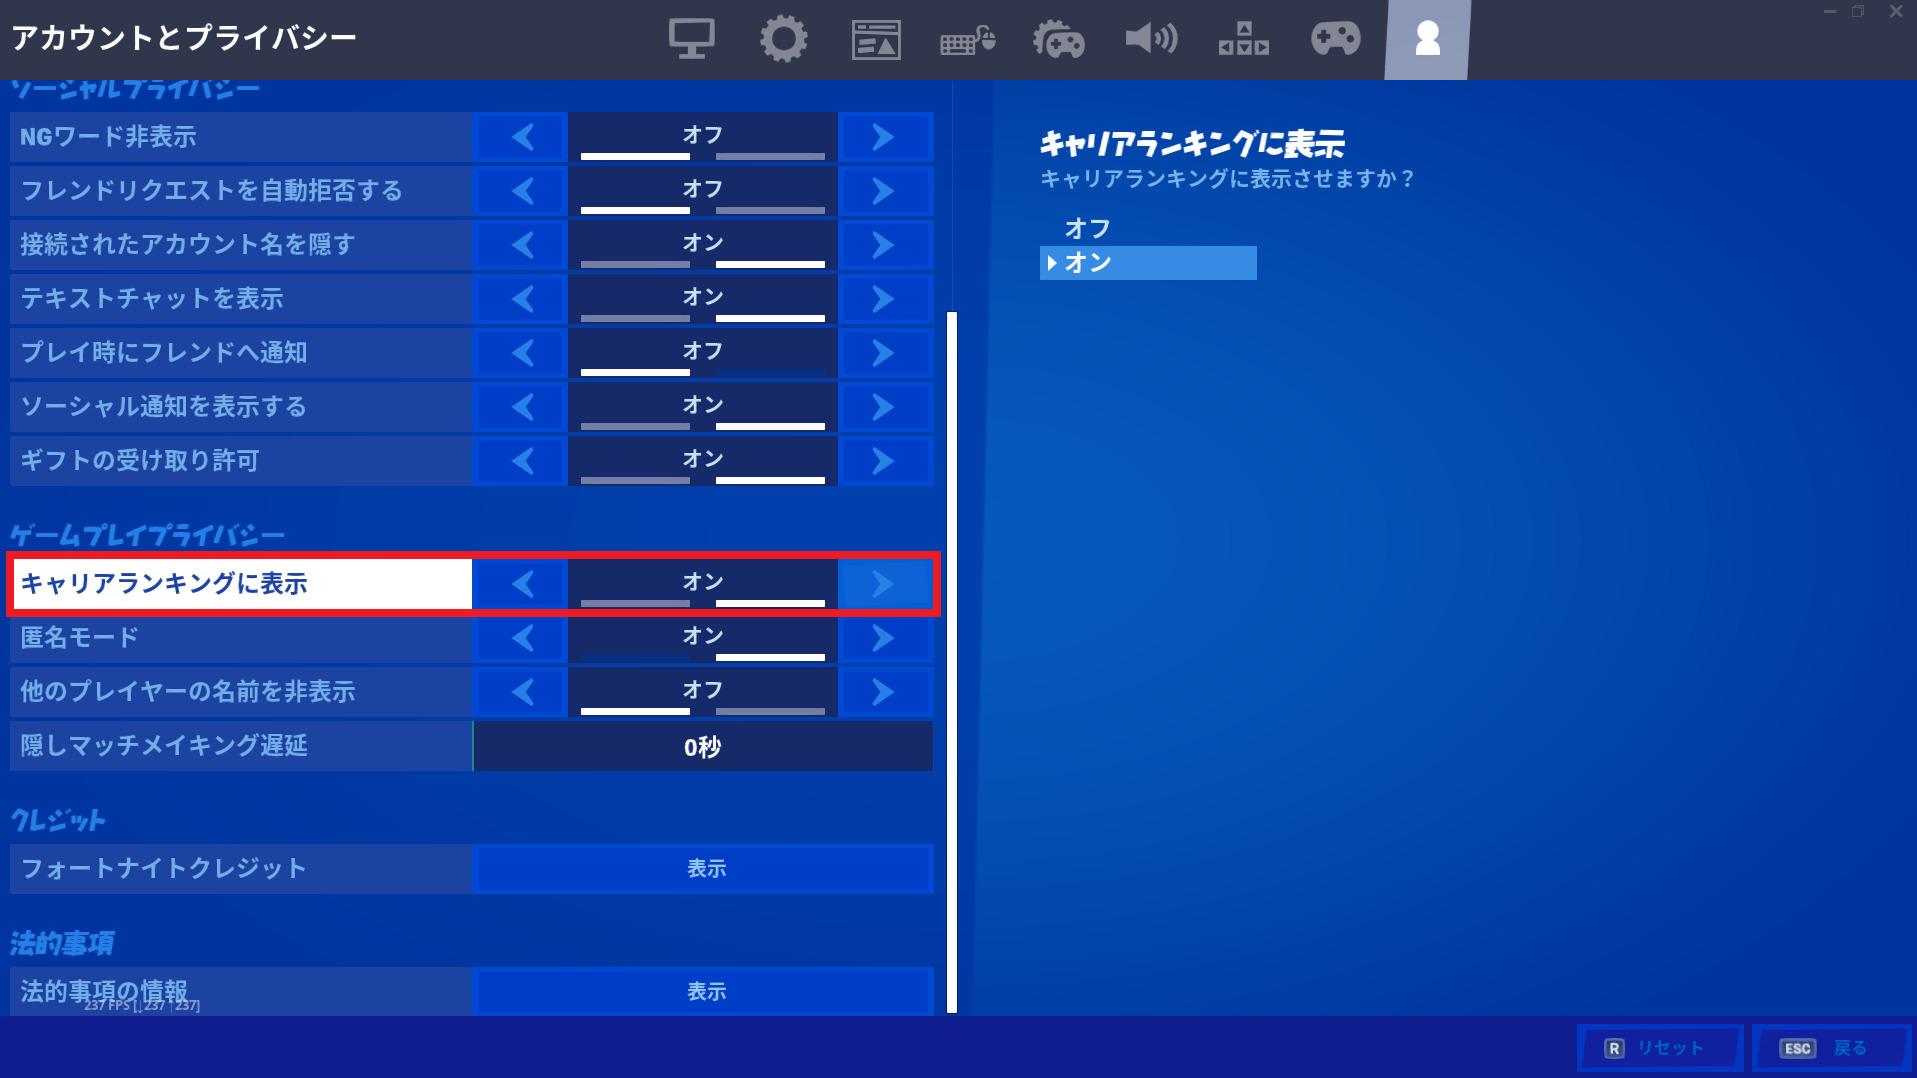 【フォートナイト】総プレイ時間の確認方法[PC/PS4/PS5/Xbox/Switch]